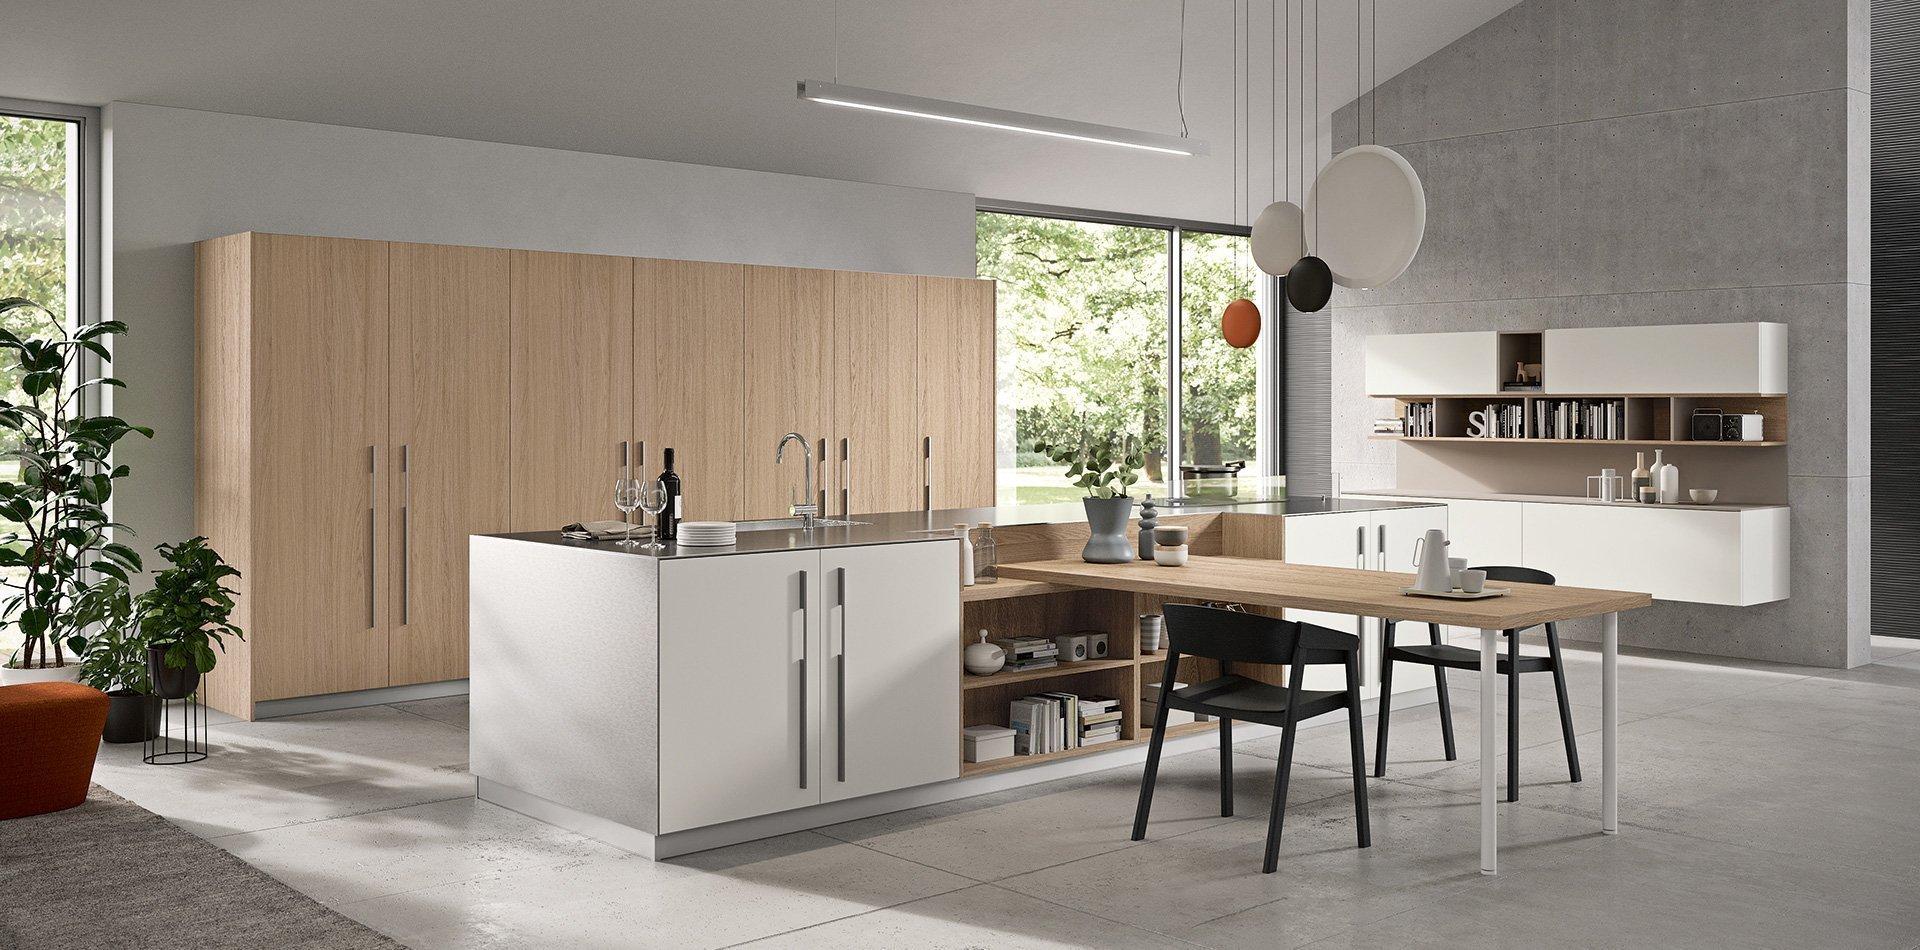 Cucina in legno naturale Bior Cucine